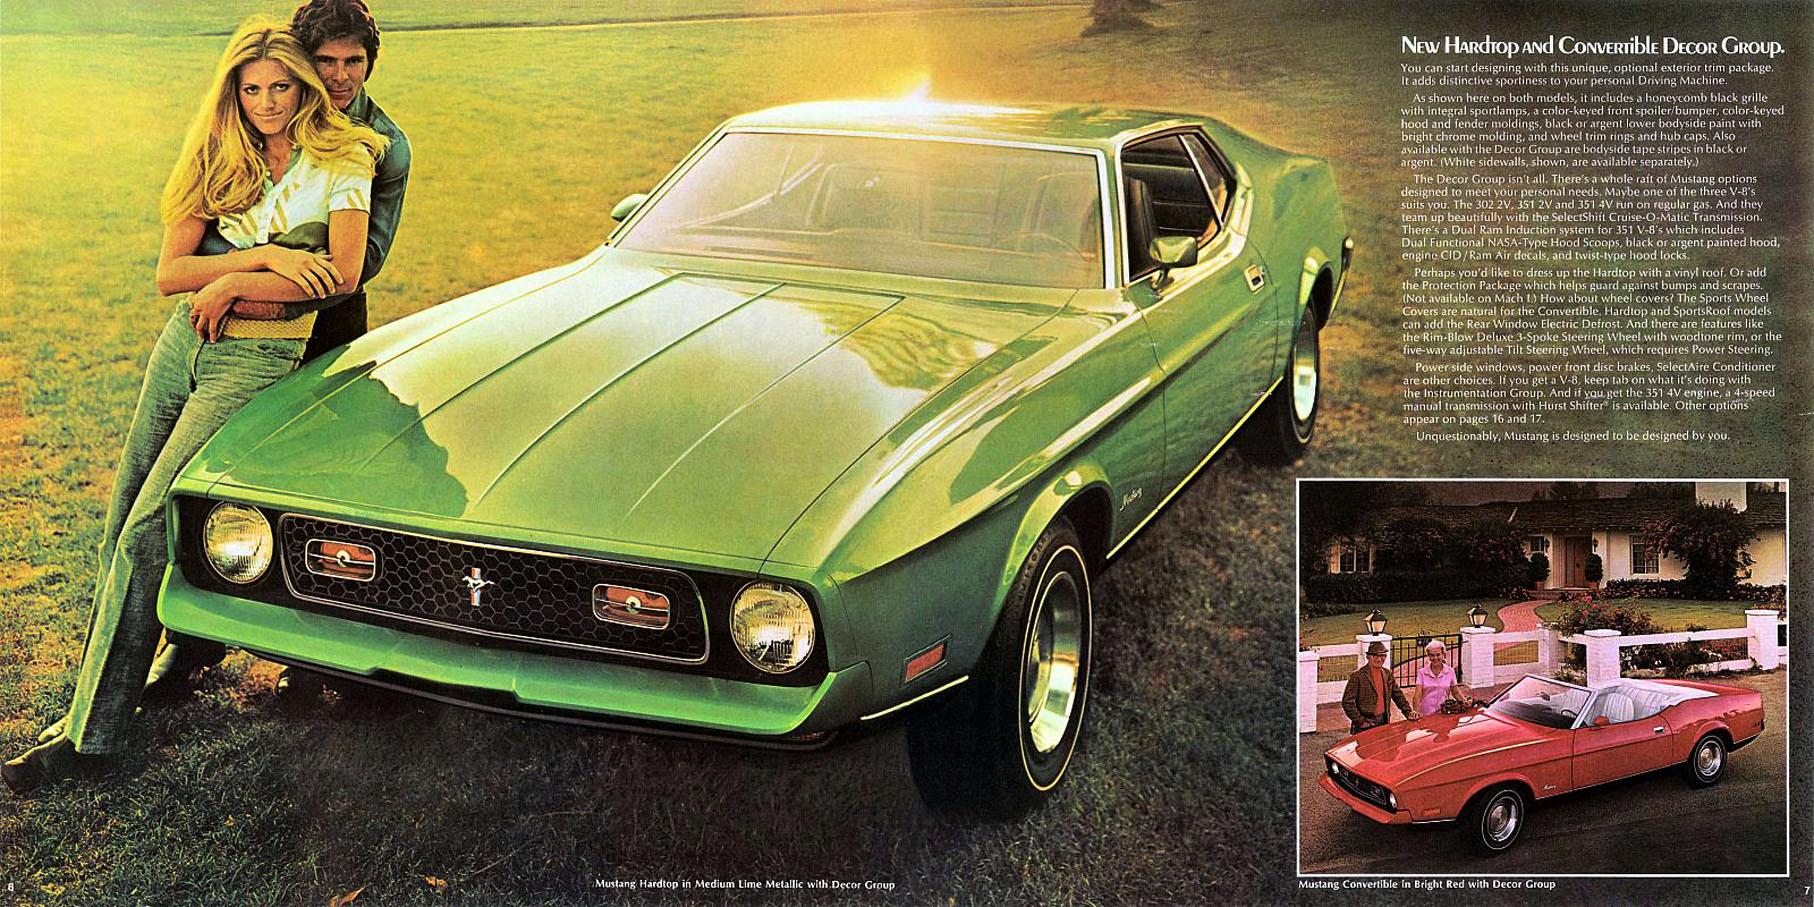 1971 Mustang hardtop and convertible